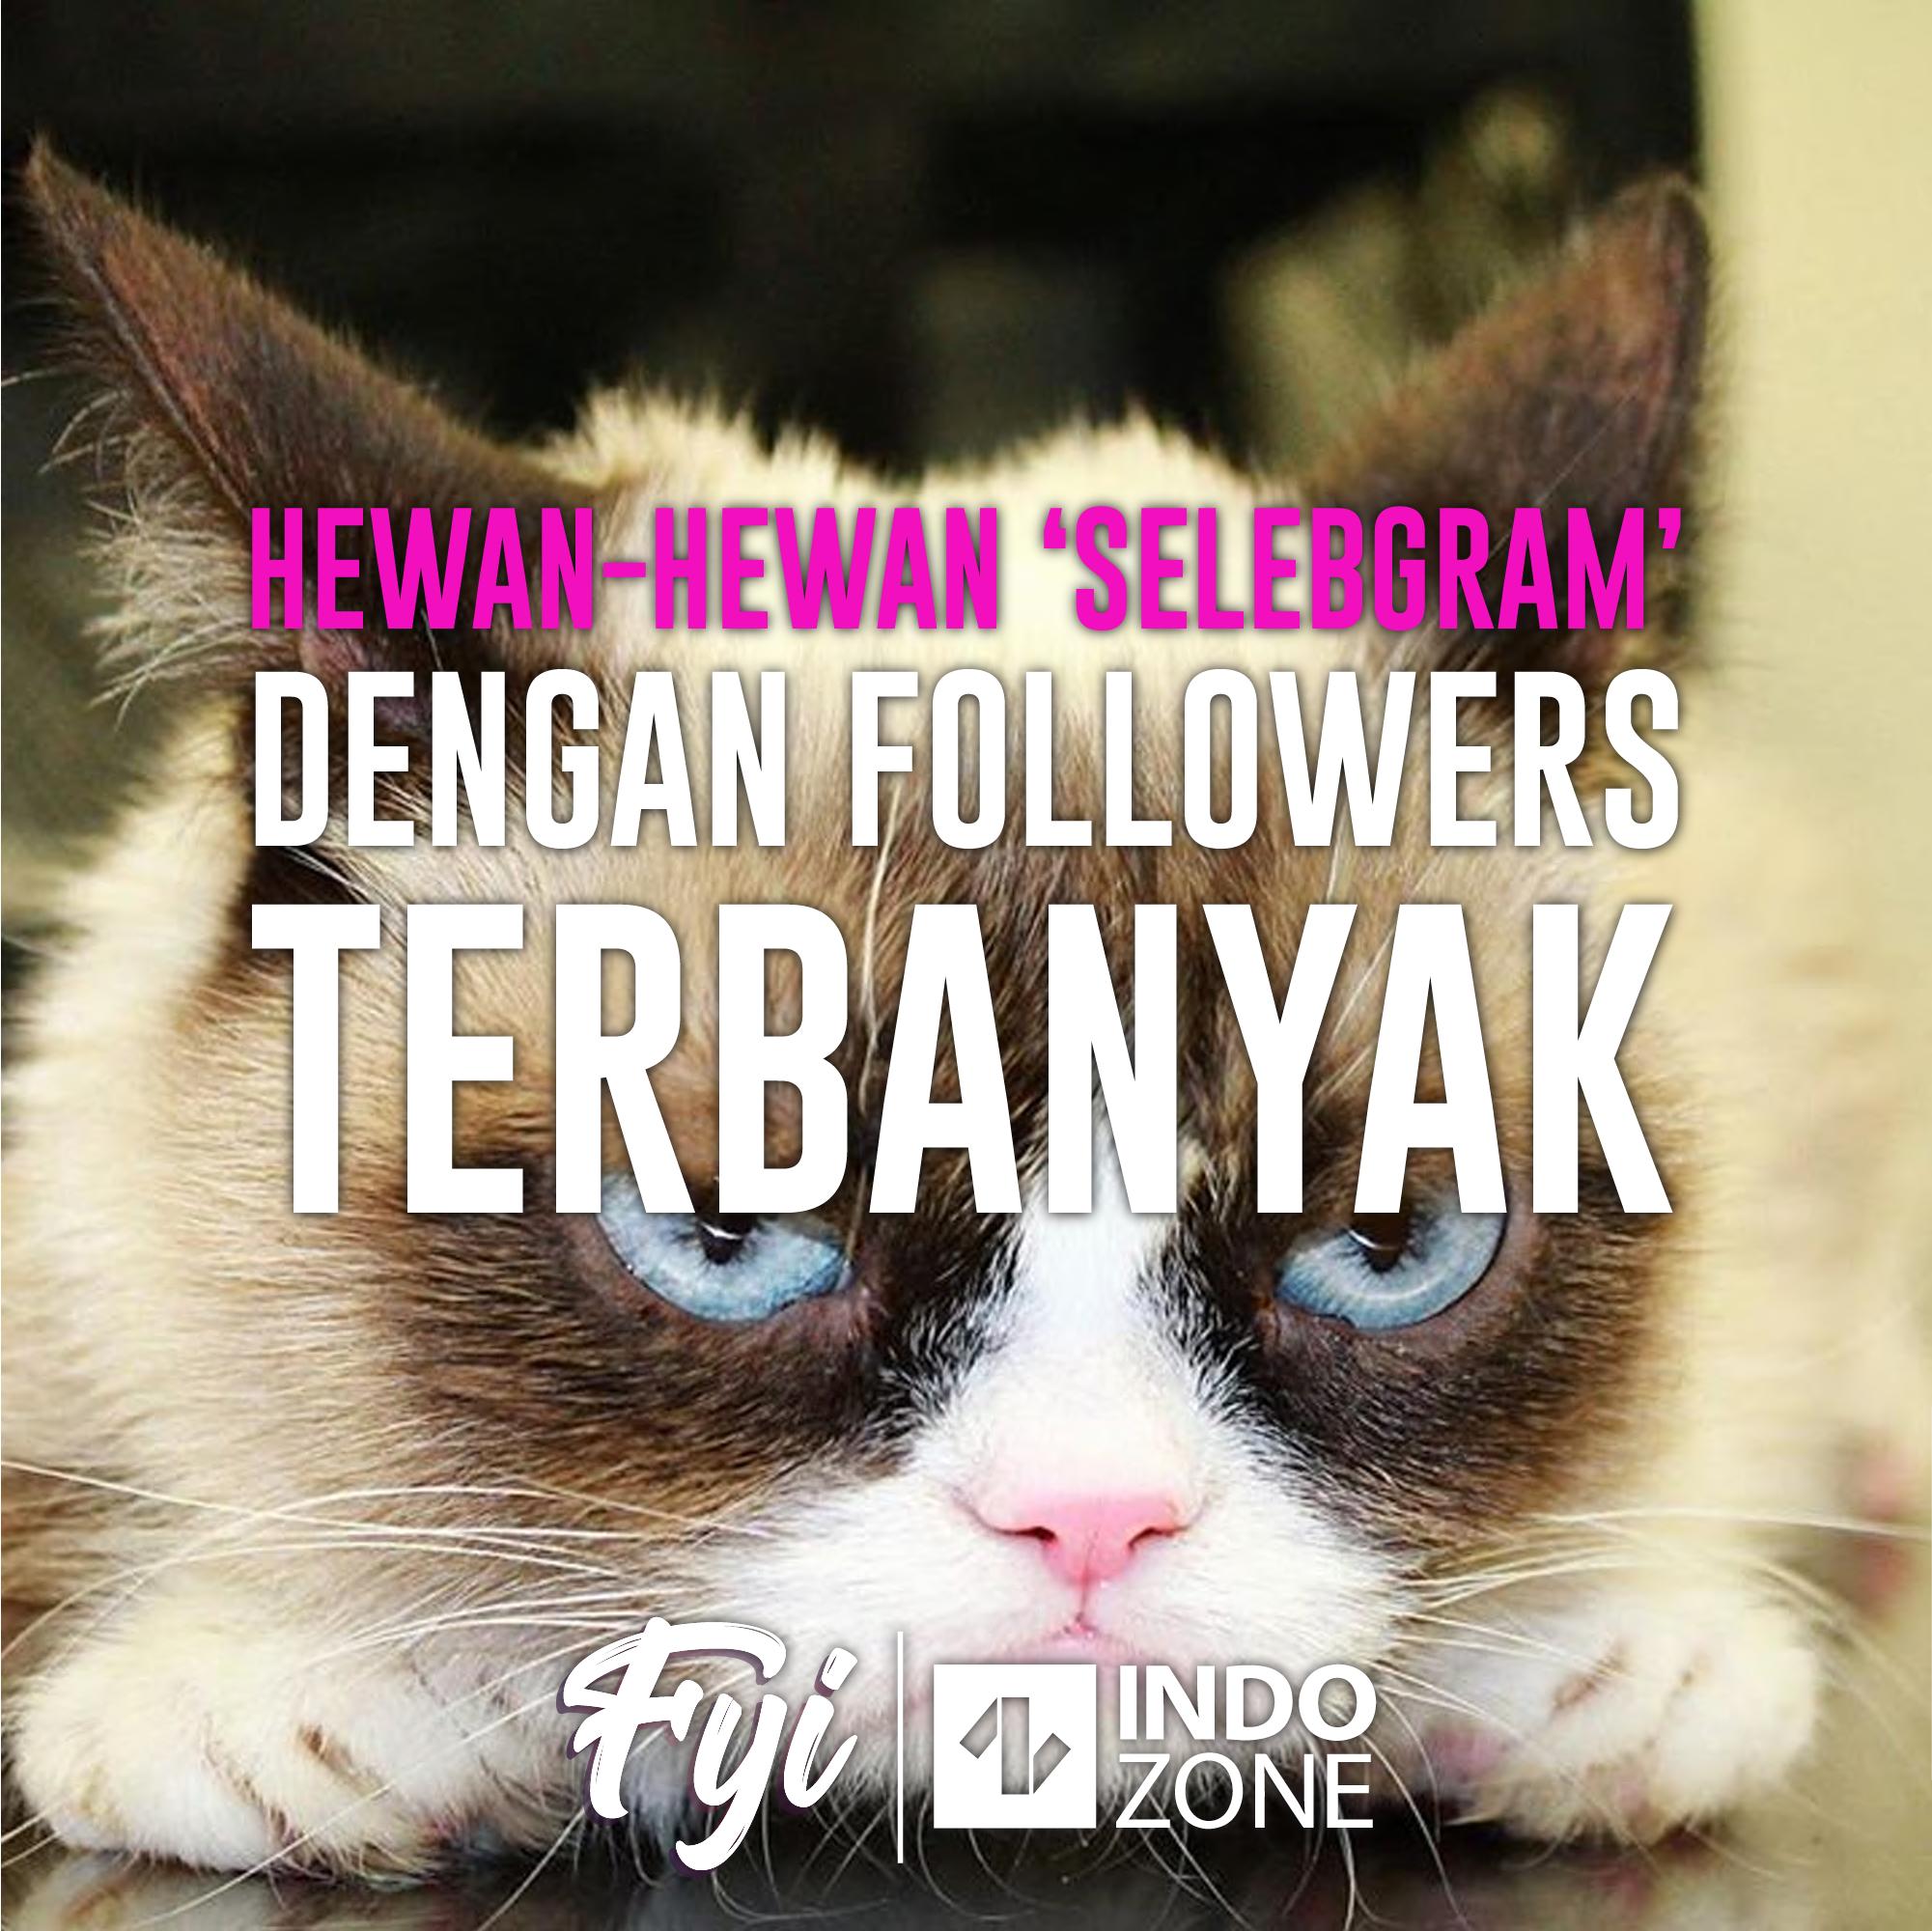 Hewan-Hewan 'Selebgram' dengan Followers Terbanyak